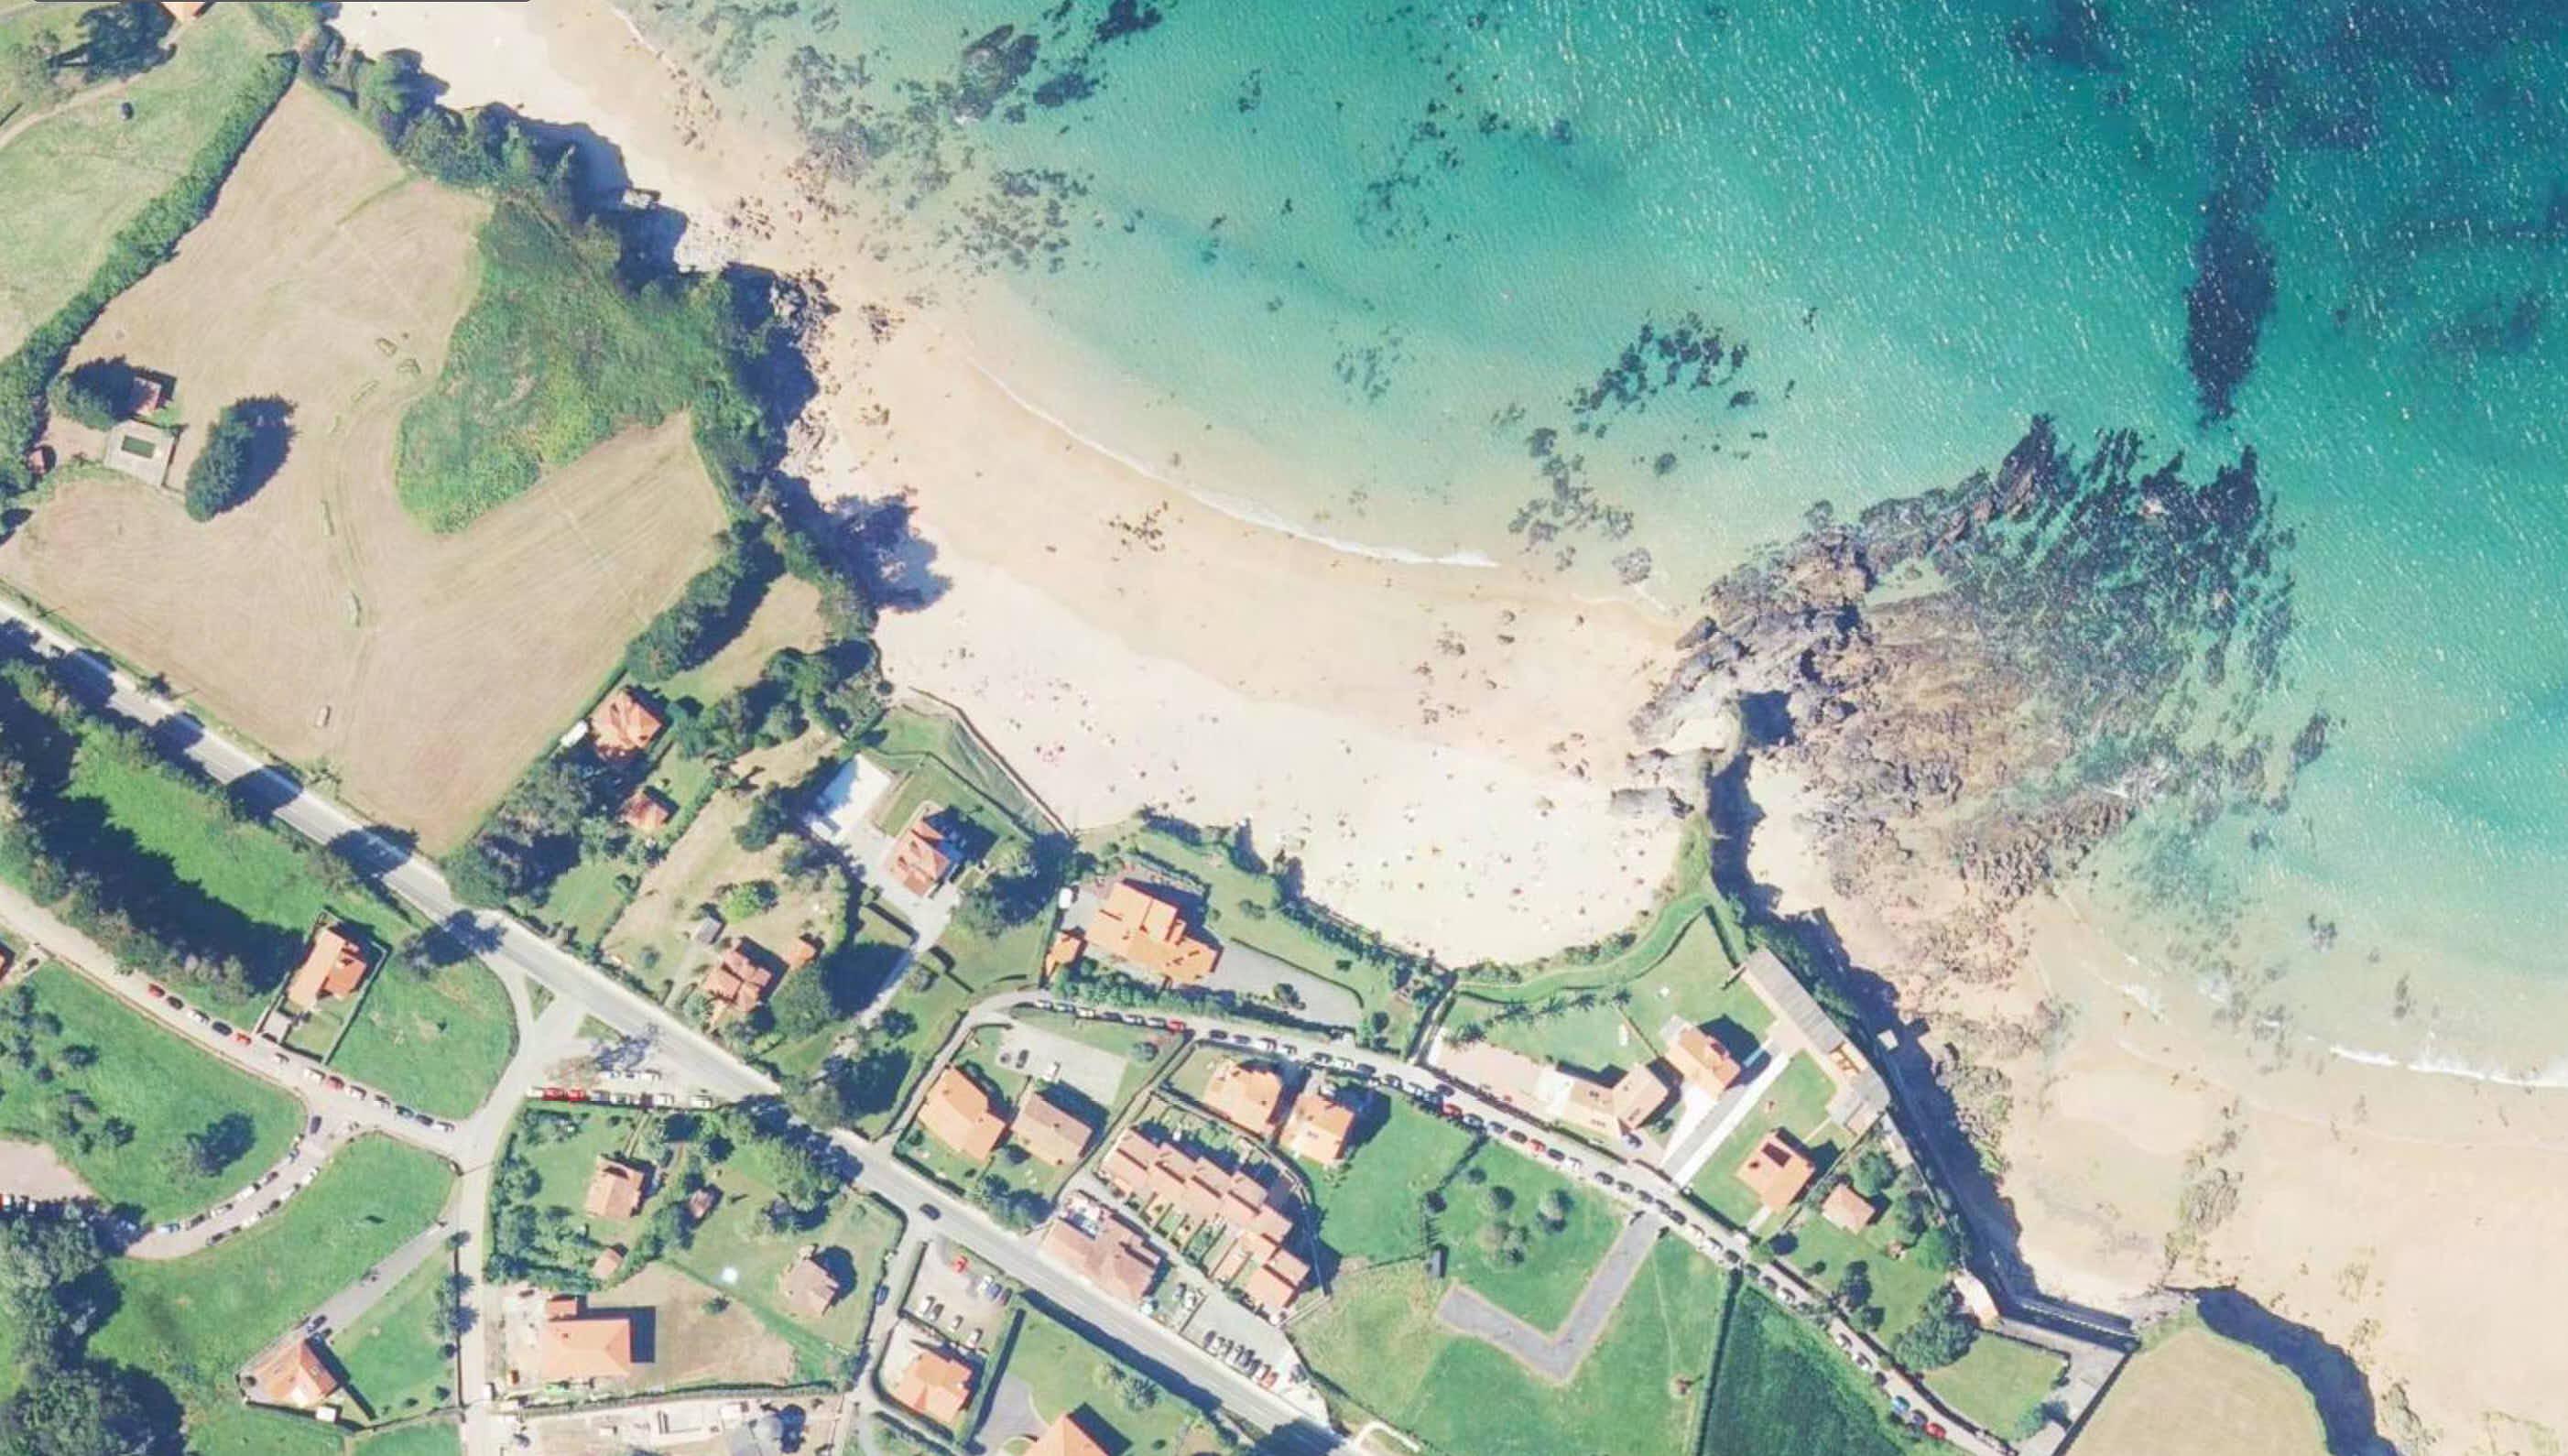 Vista aérea de la Playa de El Barrigón, en Colunga, Asturias.